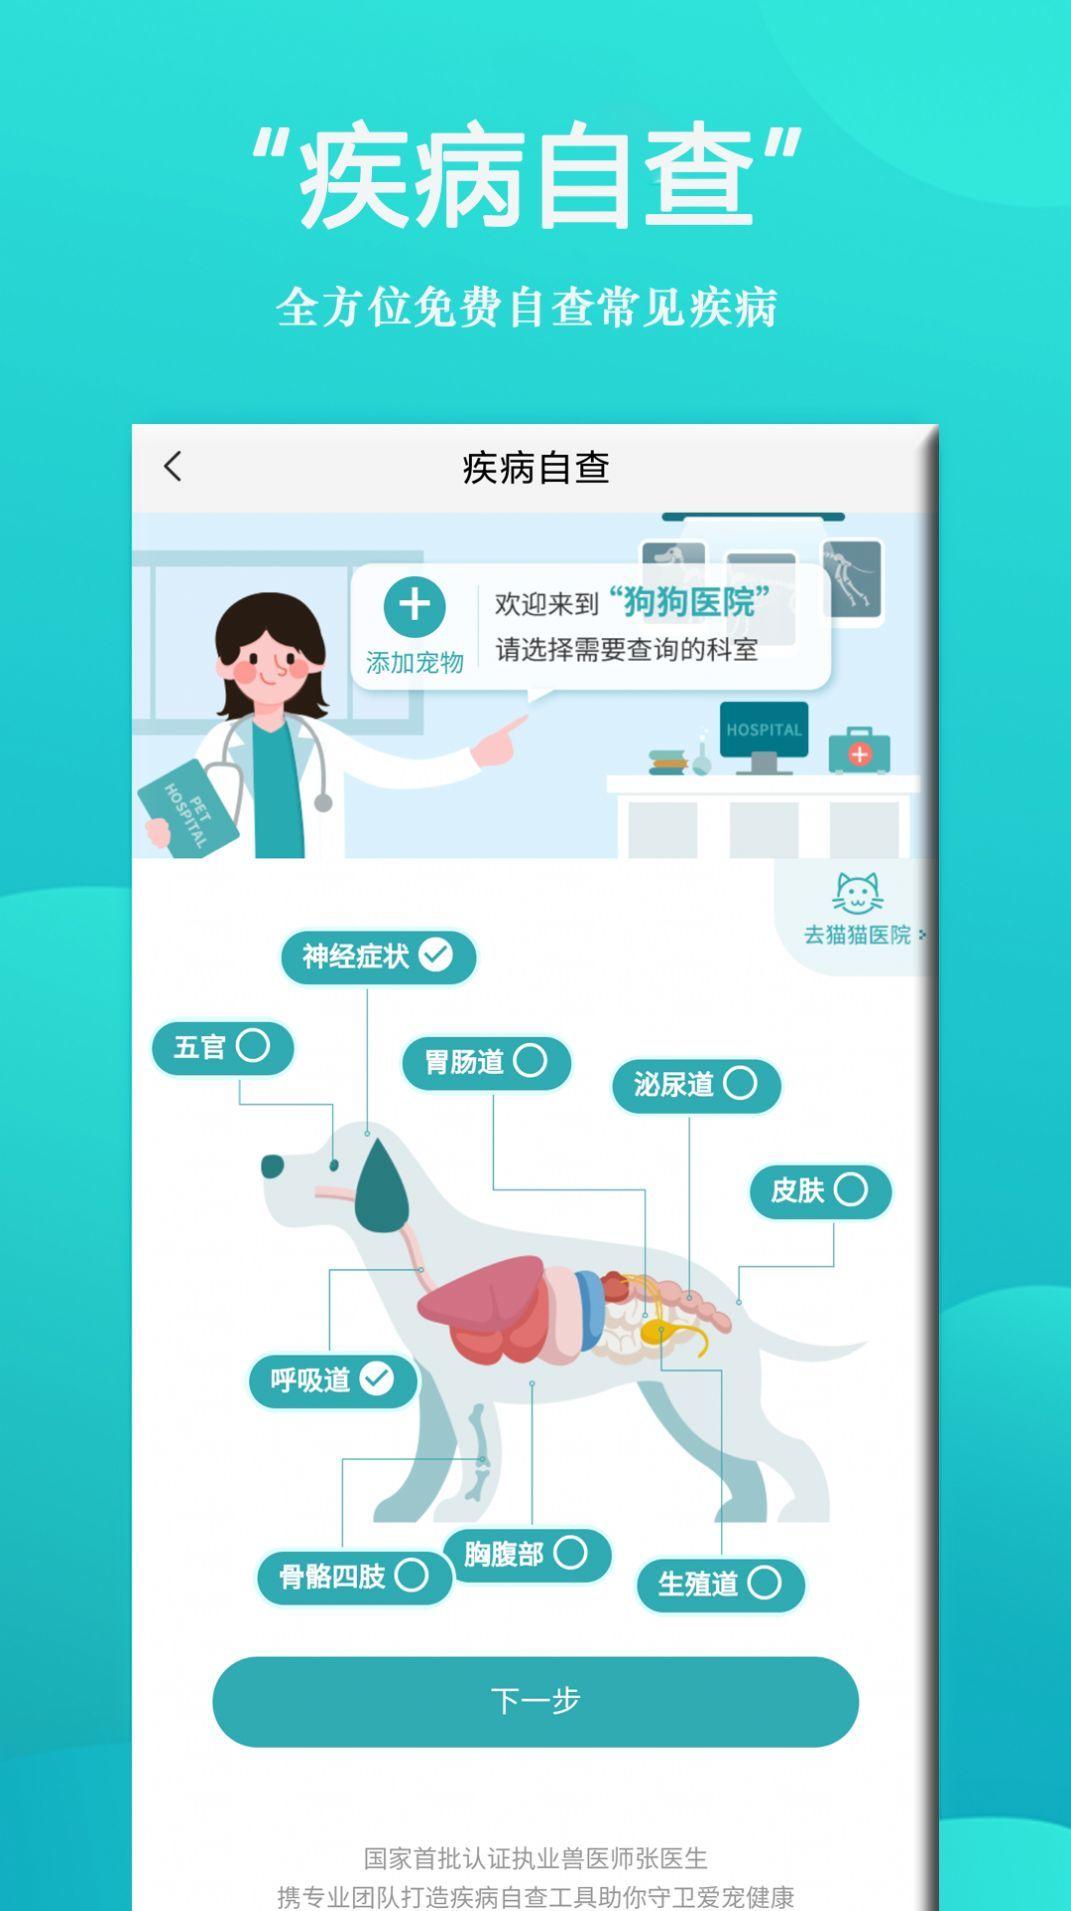 狗狗Bing商城手机版(2) onerror=